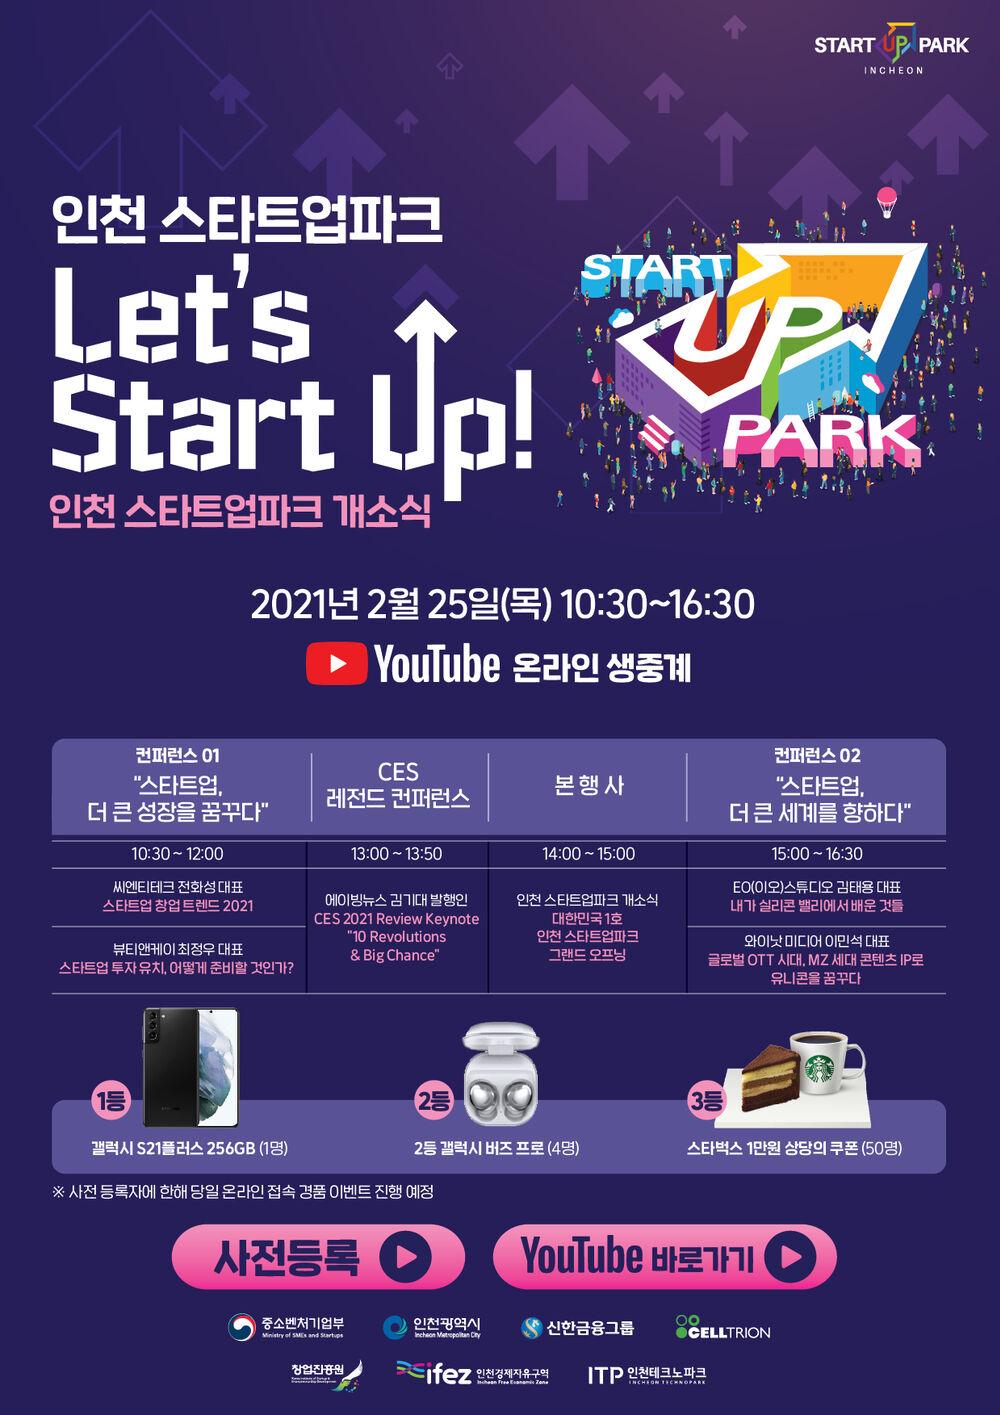 첨부. 2 인천 스타트업파크 「Let's Start Up!」 포스터.jpg